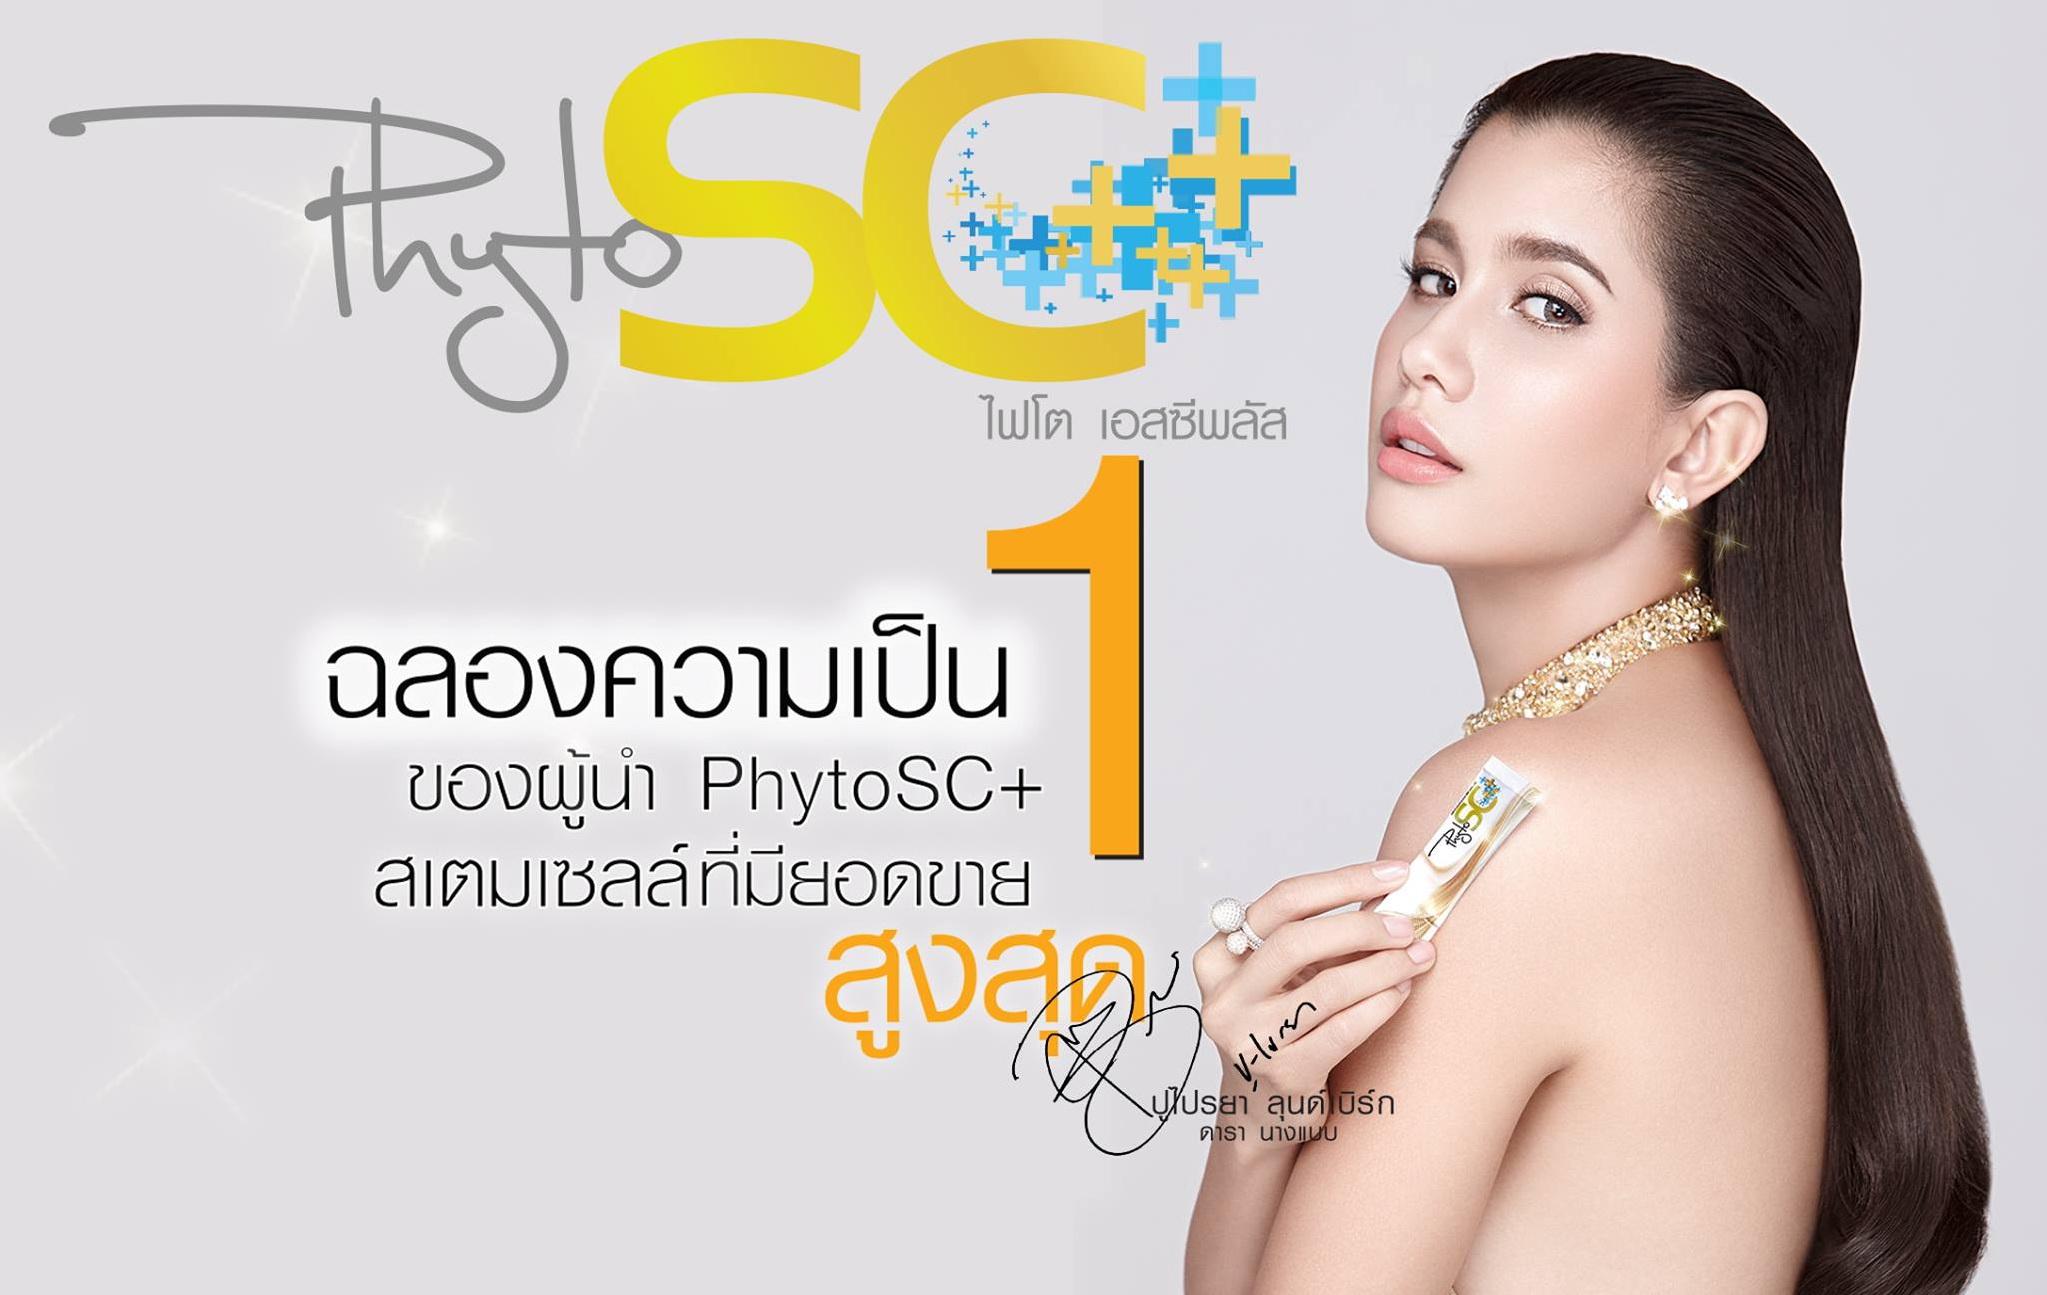 Phyto SC Plus ไฟโตเอสซี พลัส ผลิตภัณฑ์สเต็มเซลล์(stemcell)ใหม่ล่าสุดจากบริษัท คัดสรรอินโนเทค จำกัด นวัตกรรมใหม่ล่าสุด ที่จะทำให้คุณอยู่เหนือกฎแห่งกาลเวลา